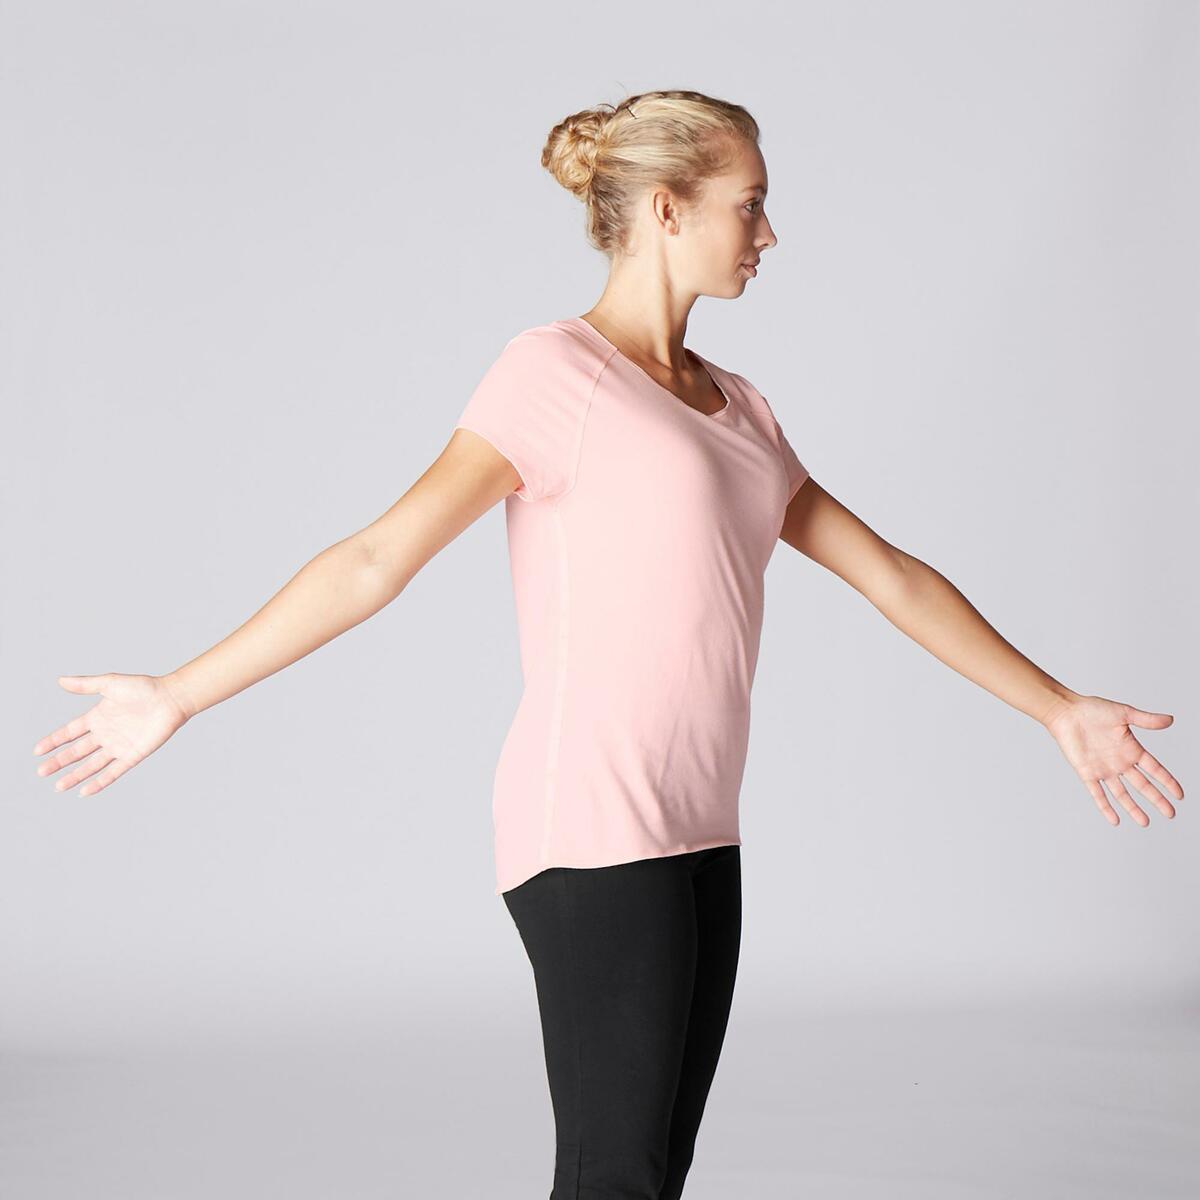 Bild 3 von T-Shirt sanftes Yoga aus Baumwolle aus biologischem Anbau Damen rosa